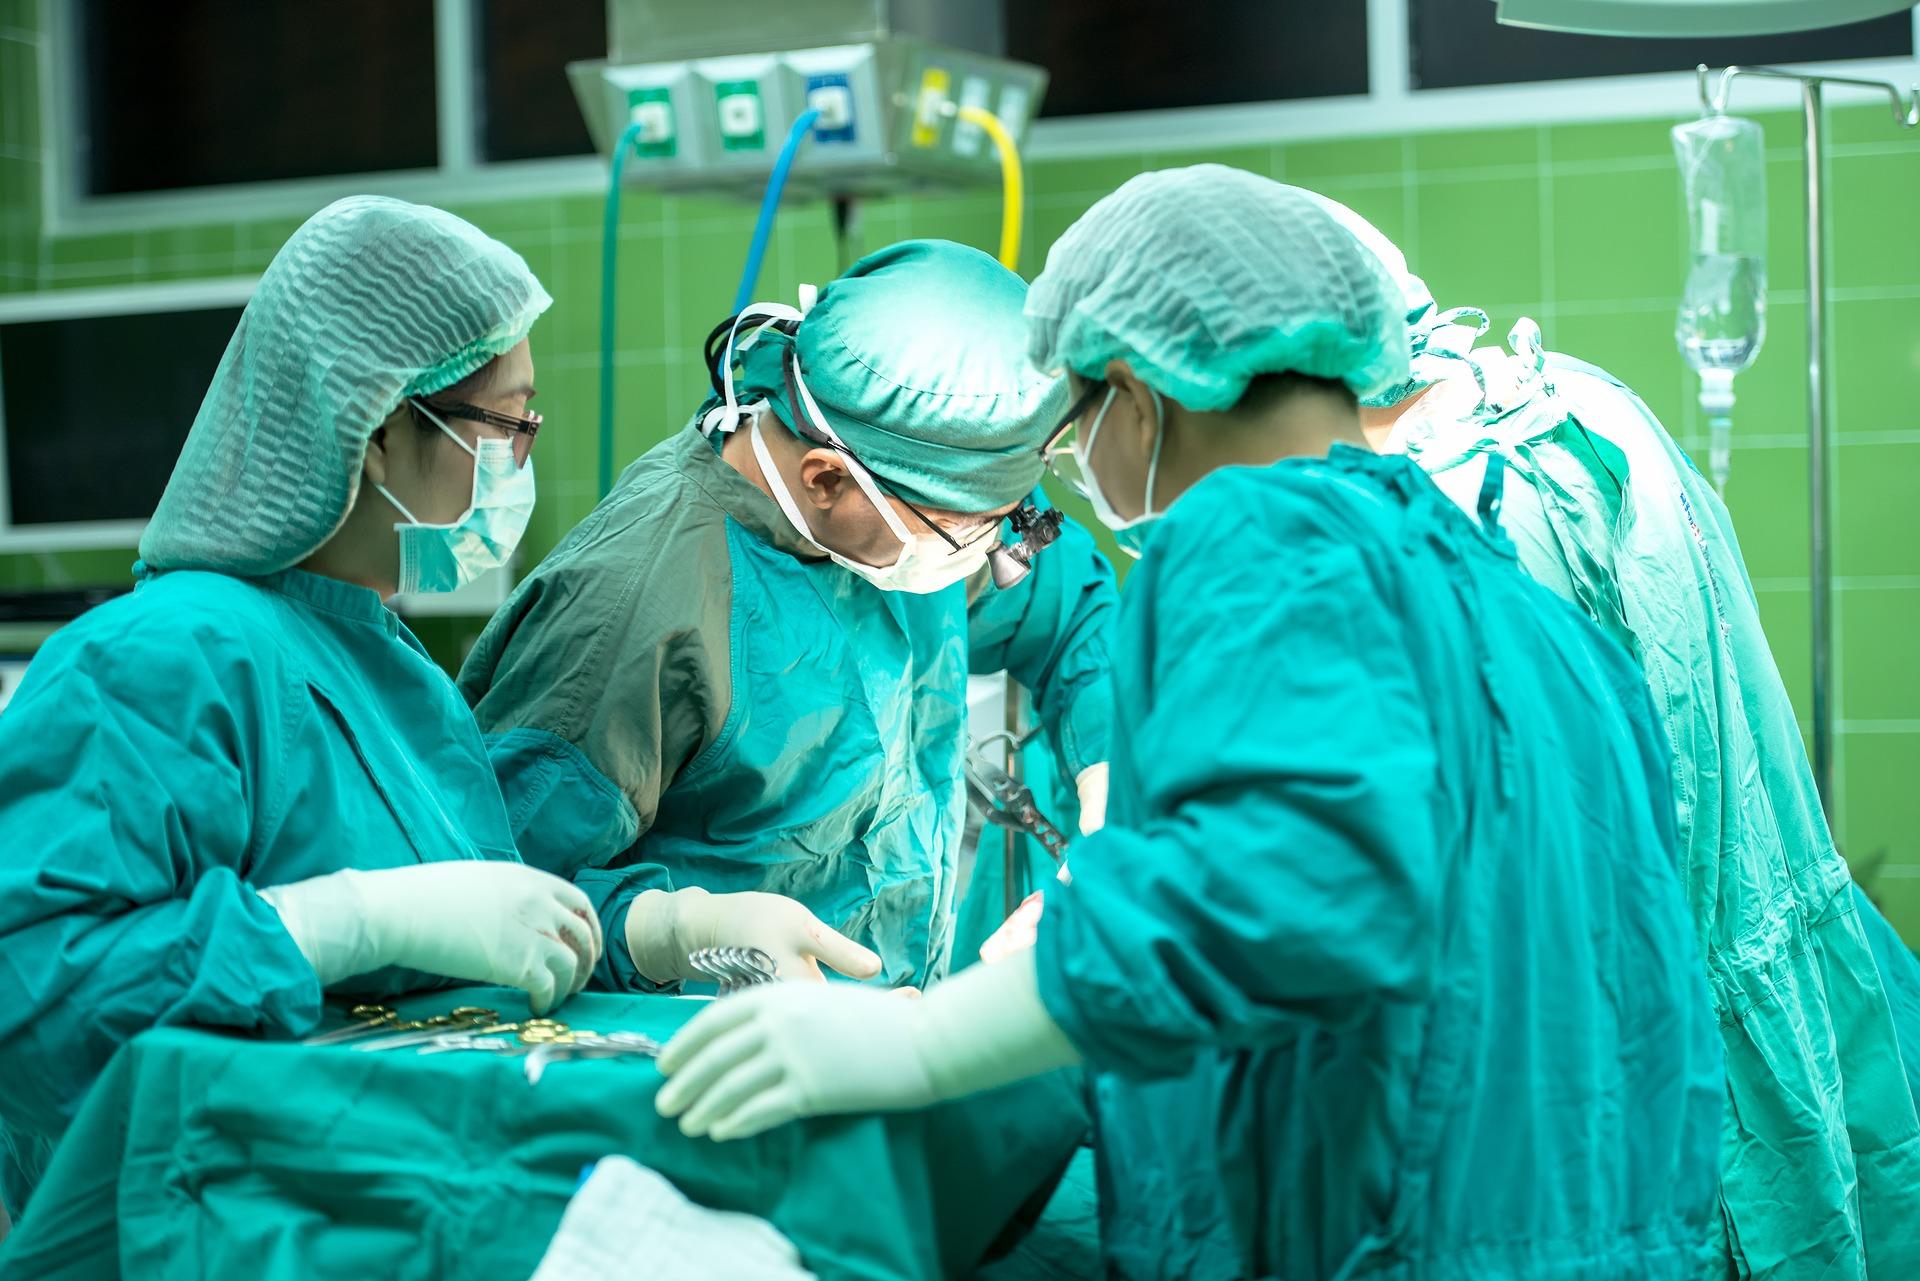 Bečki znanstvenici razvili novi uređaj koji smanjuje rizik od komplikacija nakon operacije